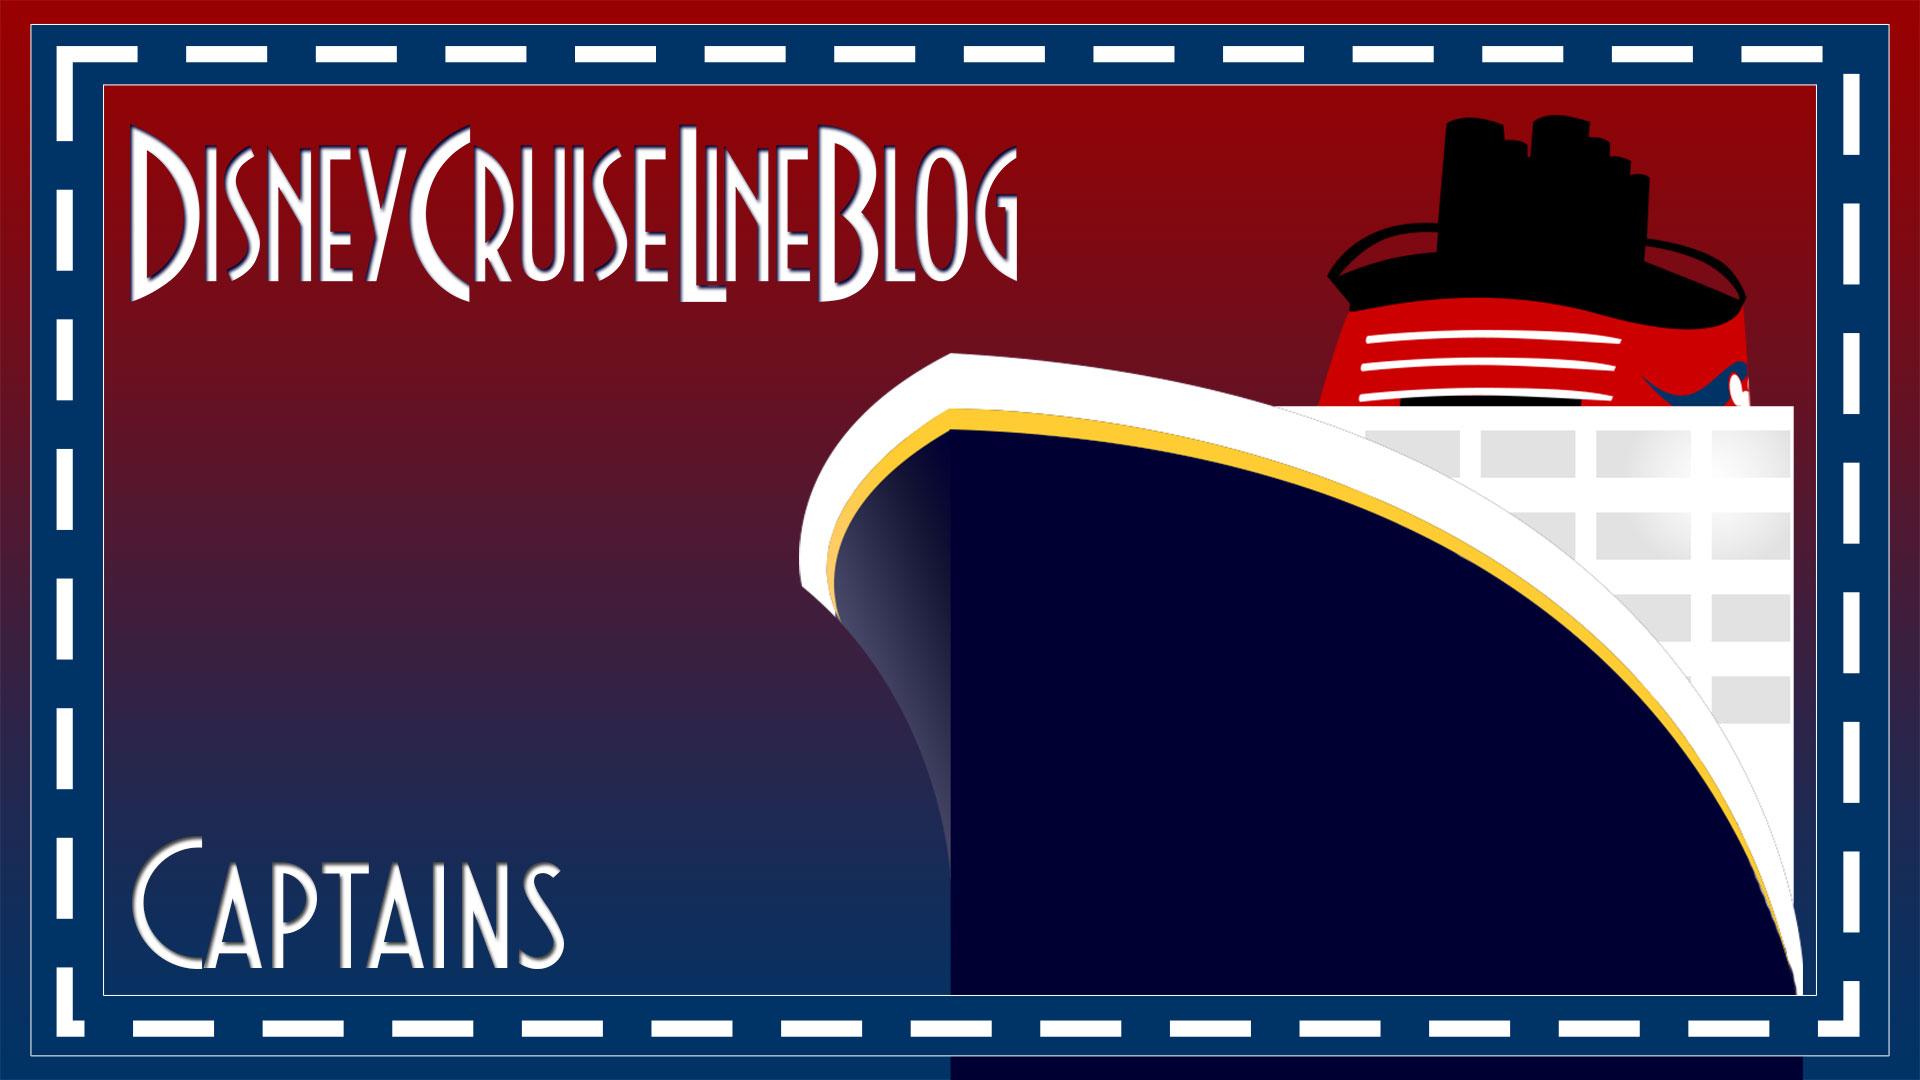 DCLBlog Captains